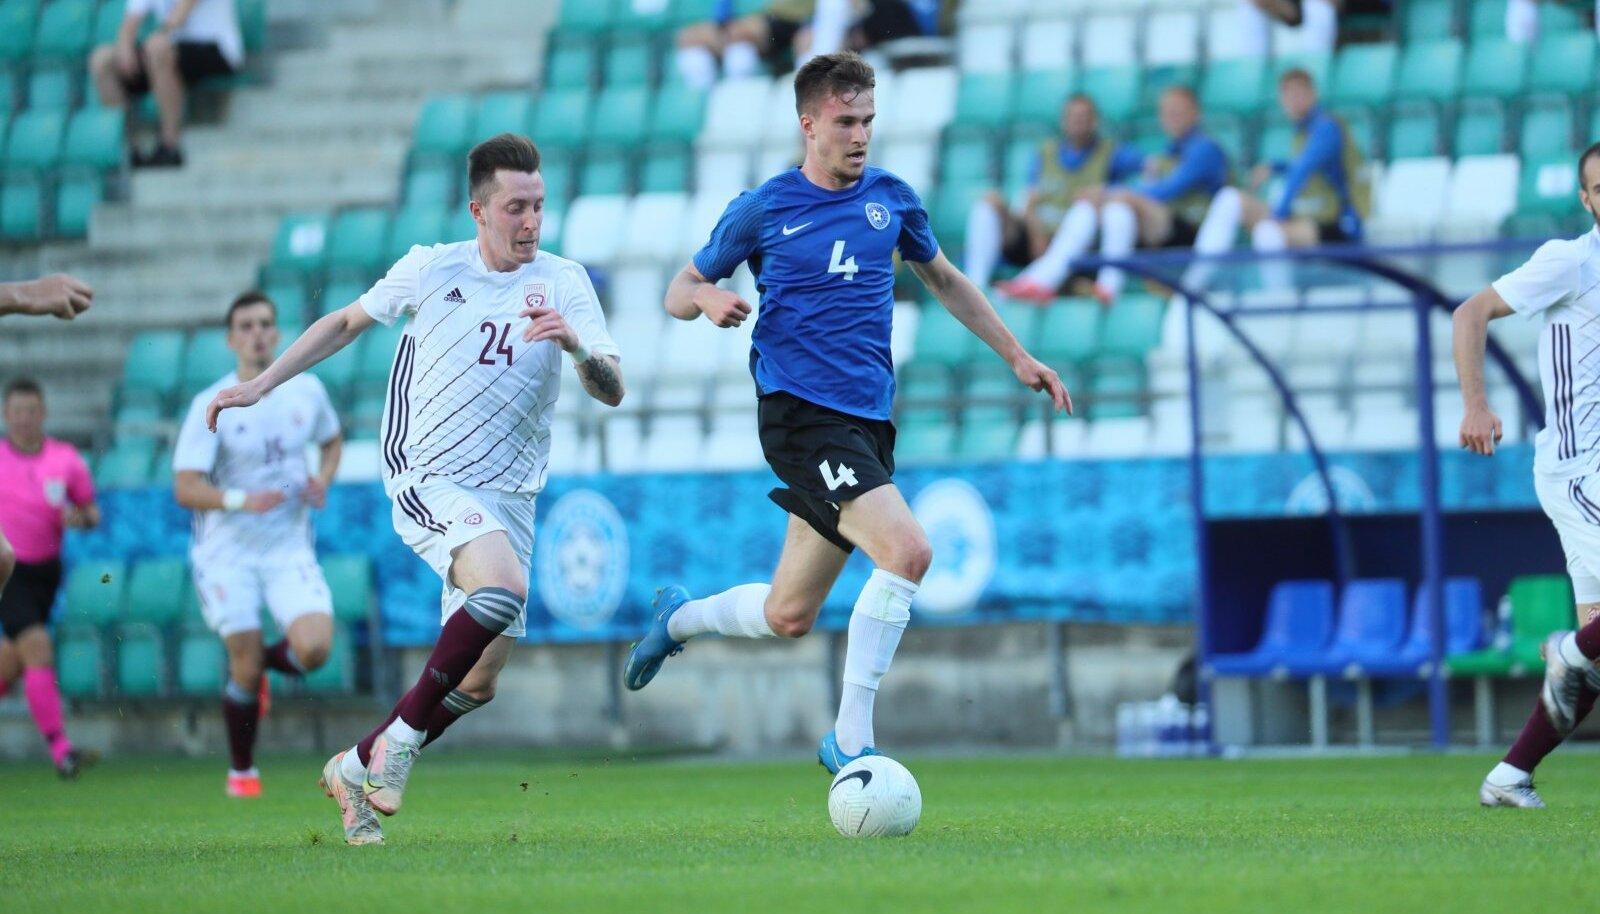 Mattias Käit lõi kaks väravat, kuid pidi peatrauma tõttu mängu pooleli jätma.